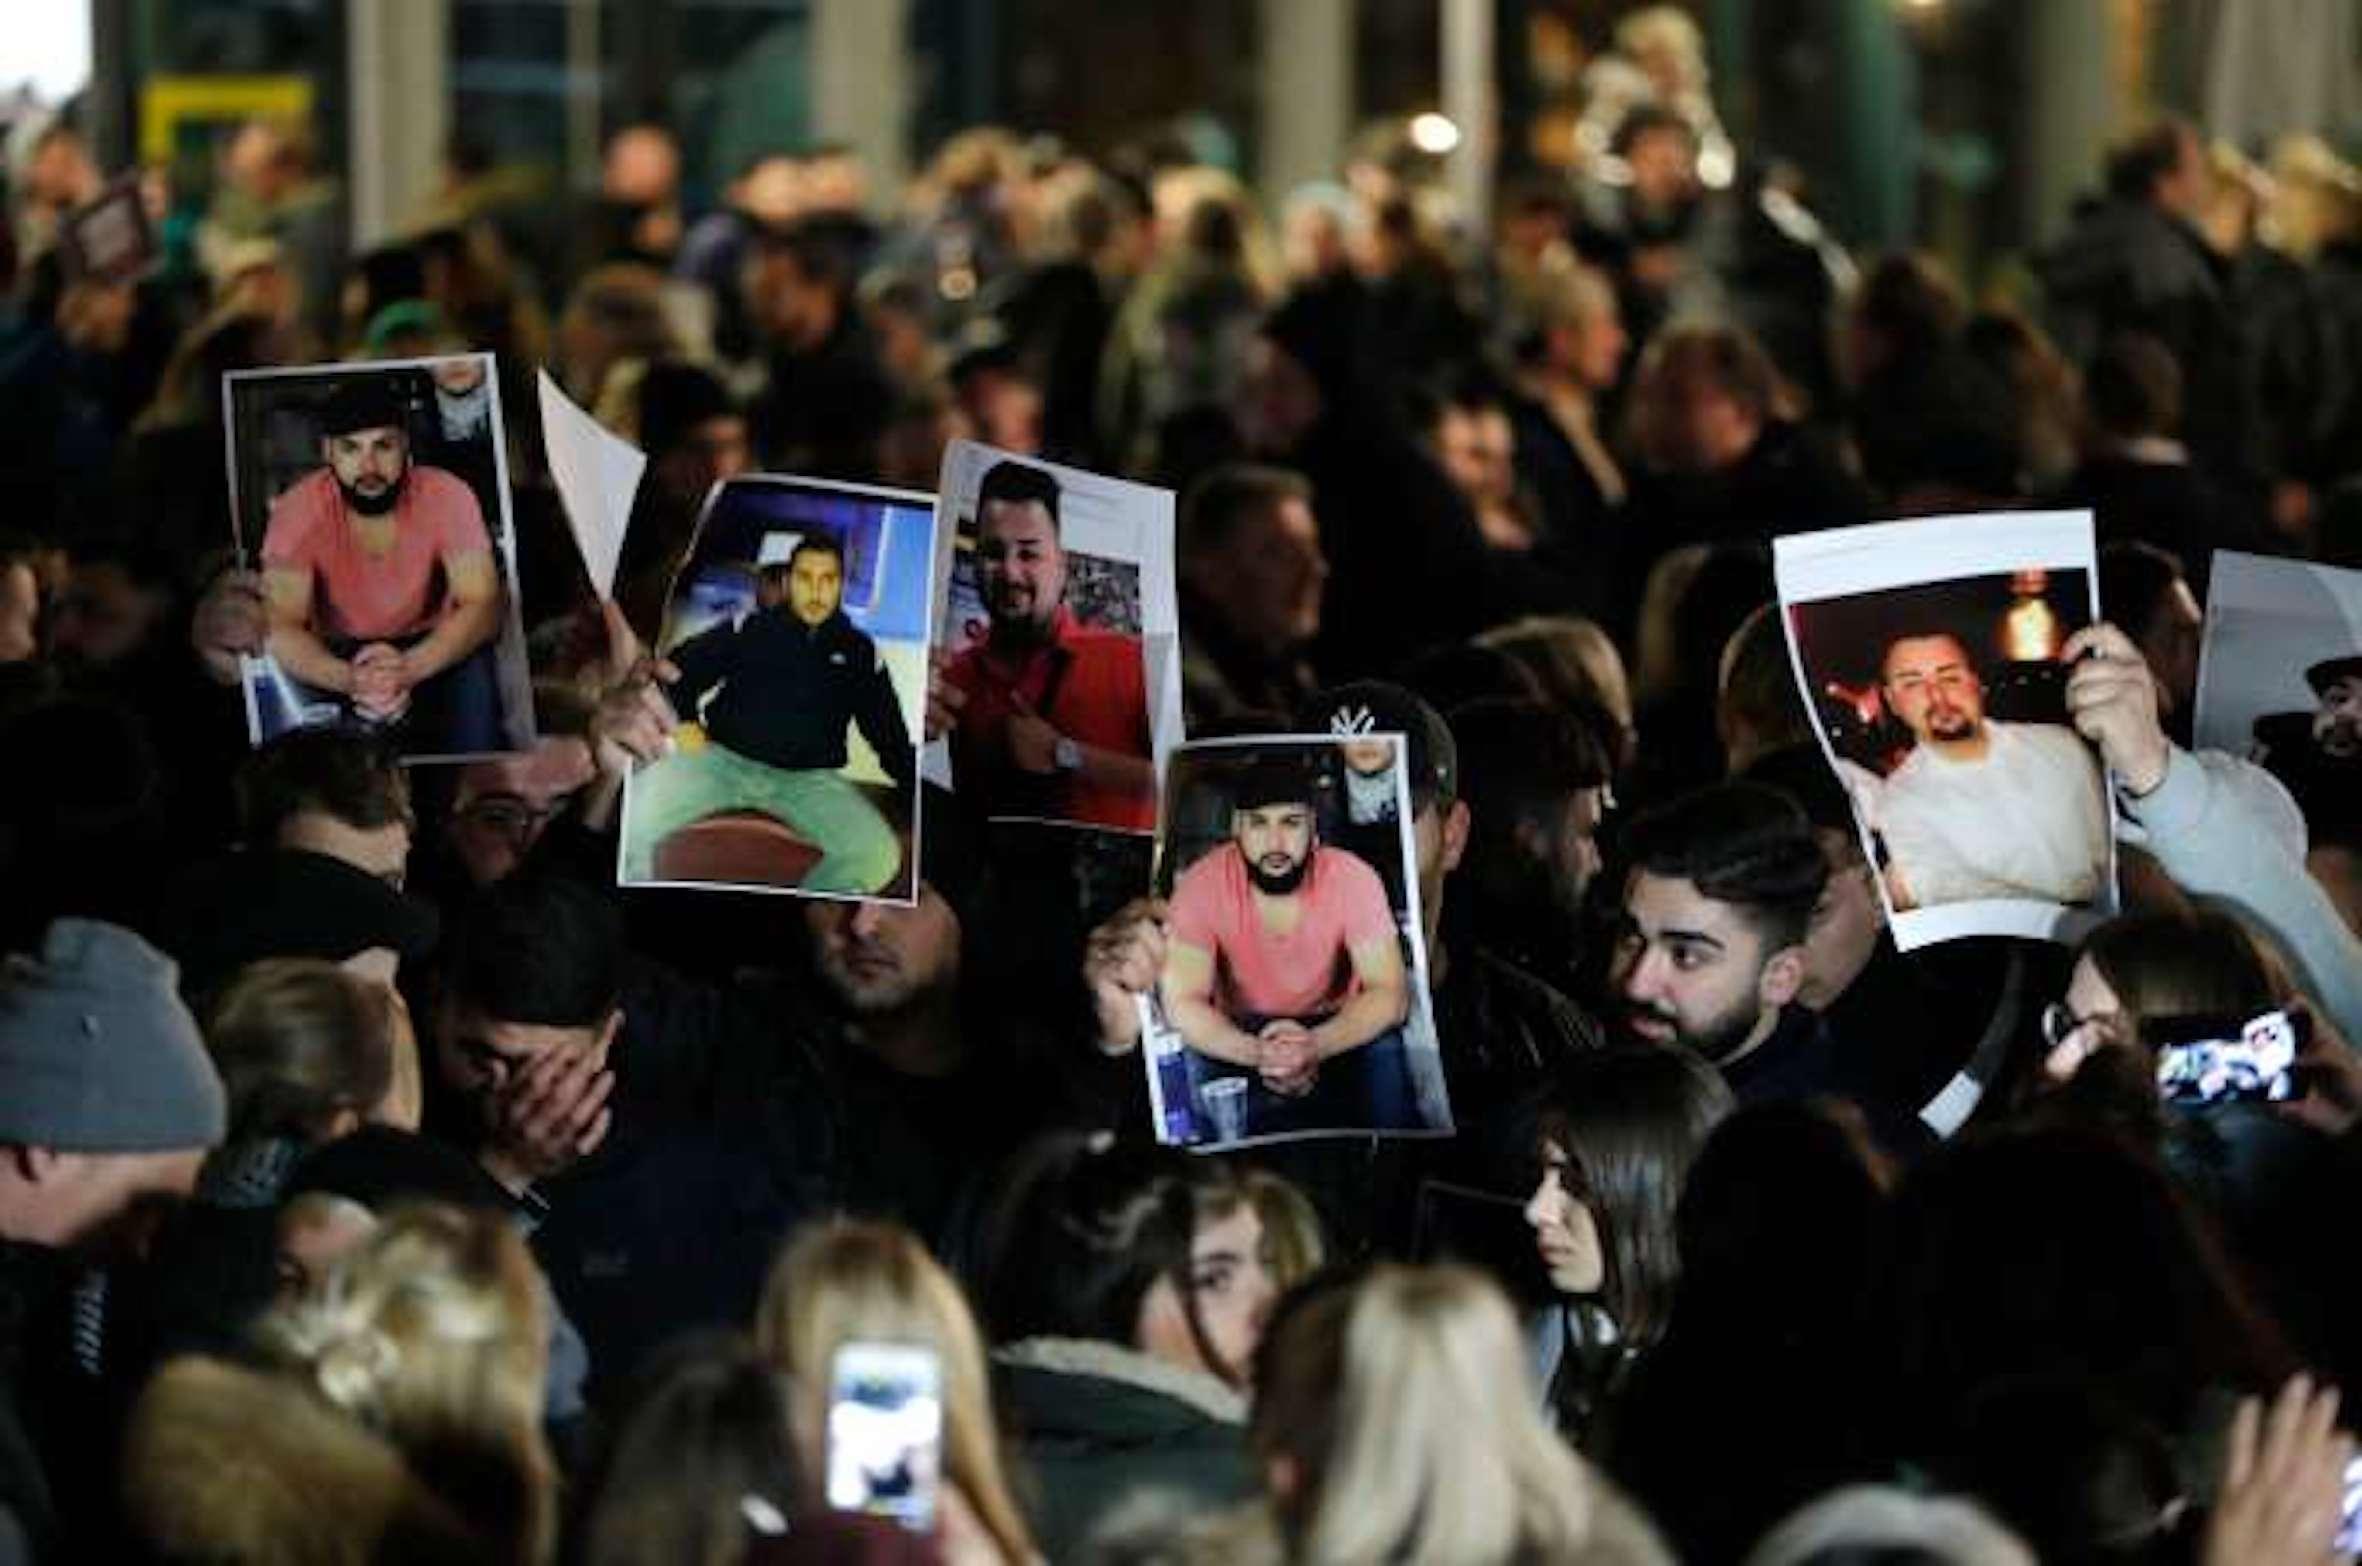 Des personnes en deuil brandissent des photos de victimes, lors d'une veillée près de Hanau (Allemagne), le lendemain des fusillades où neuf personnes ont été tuées, le 20 février 2020.